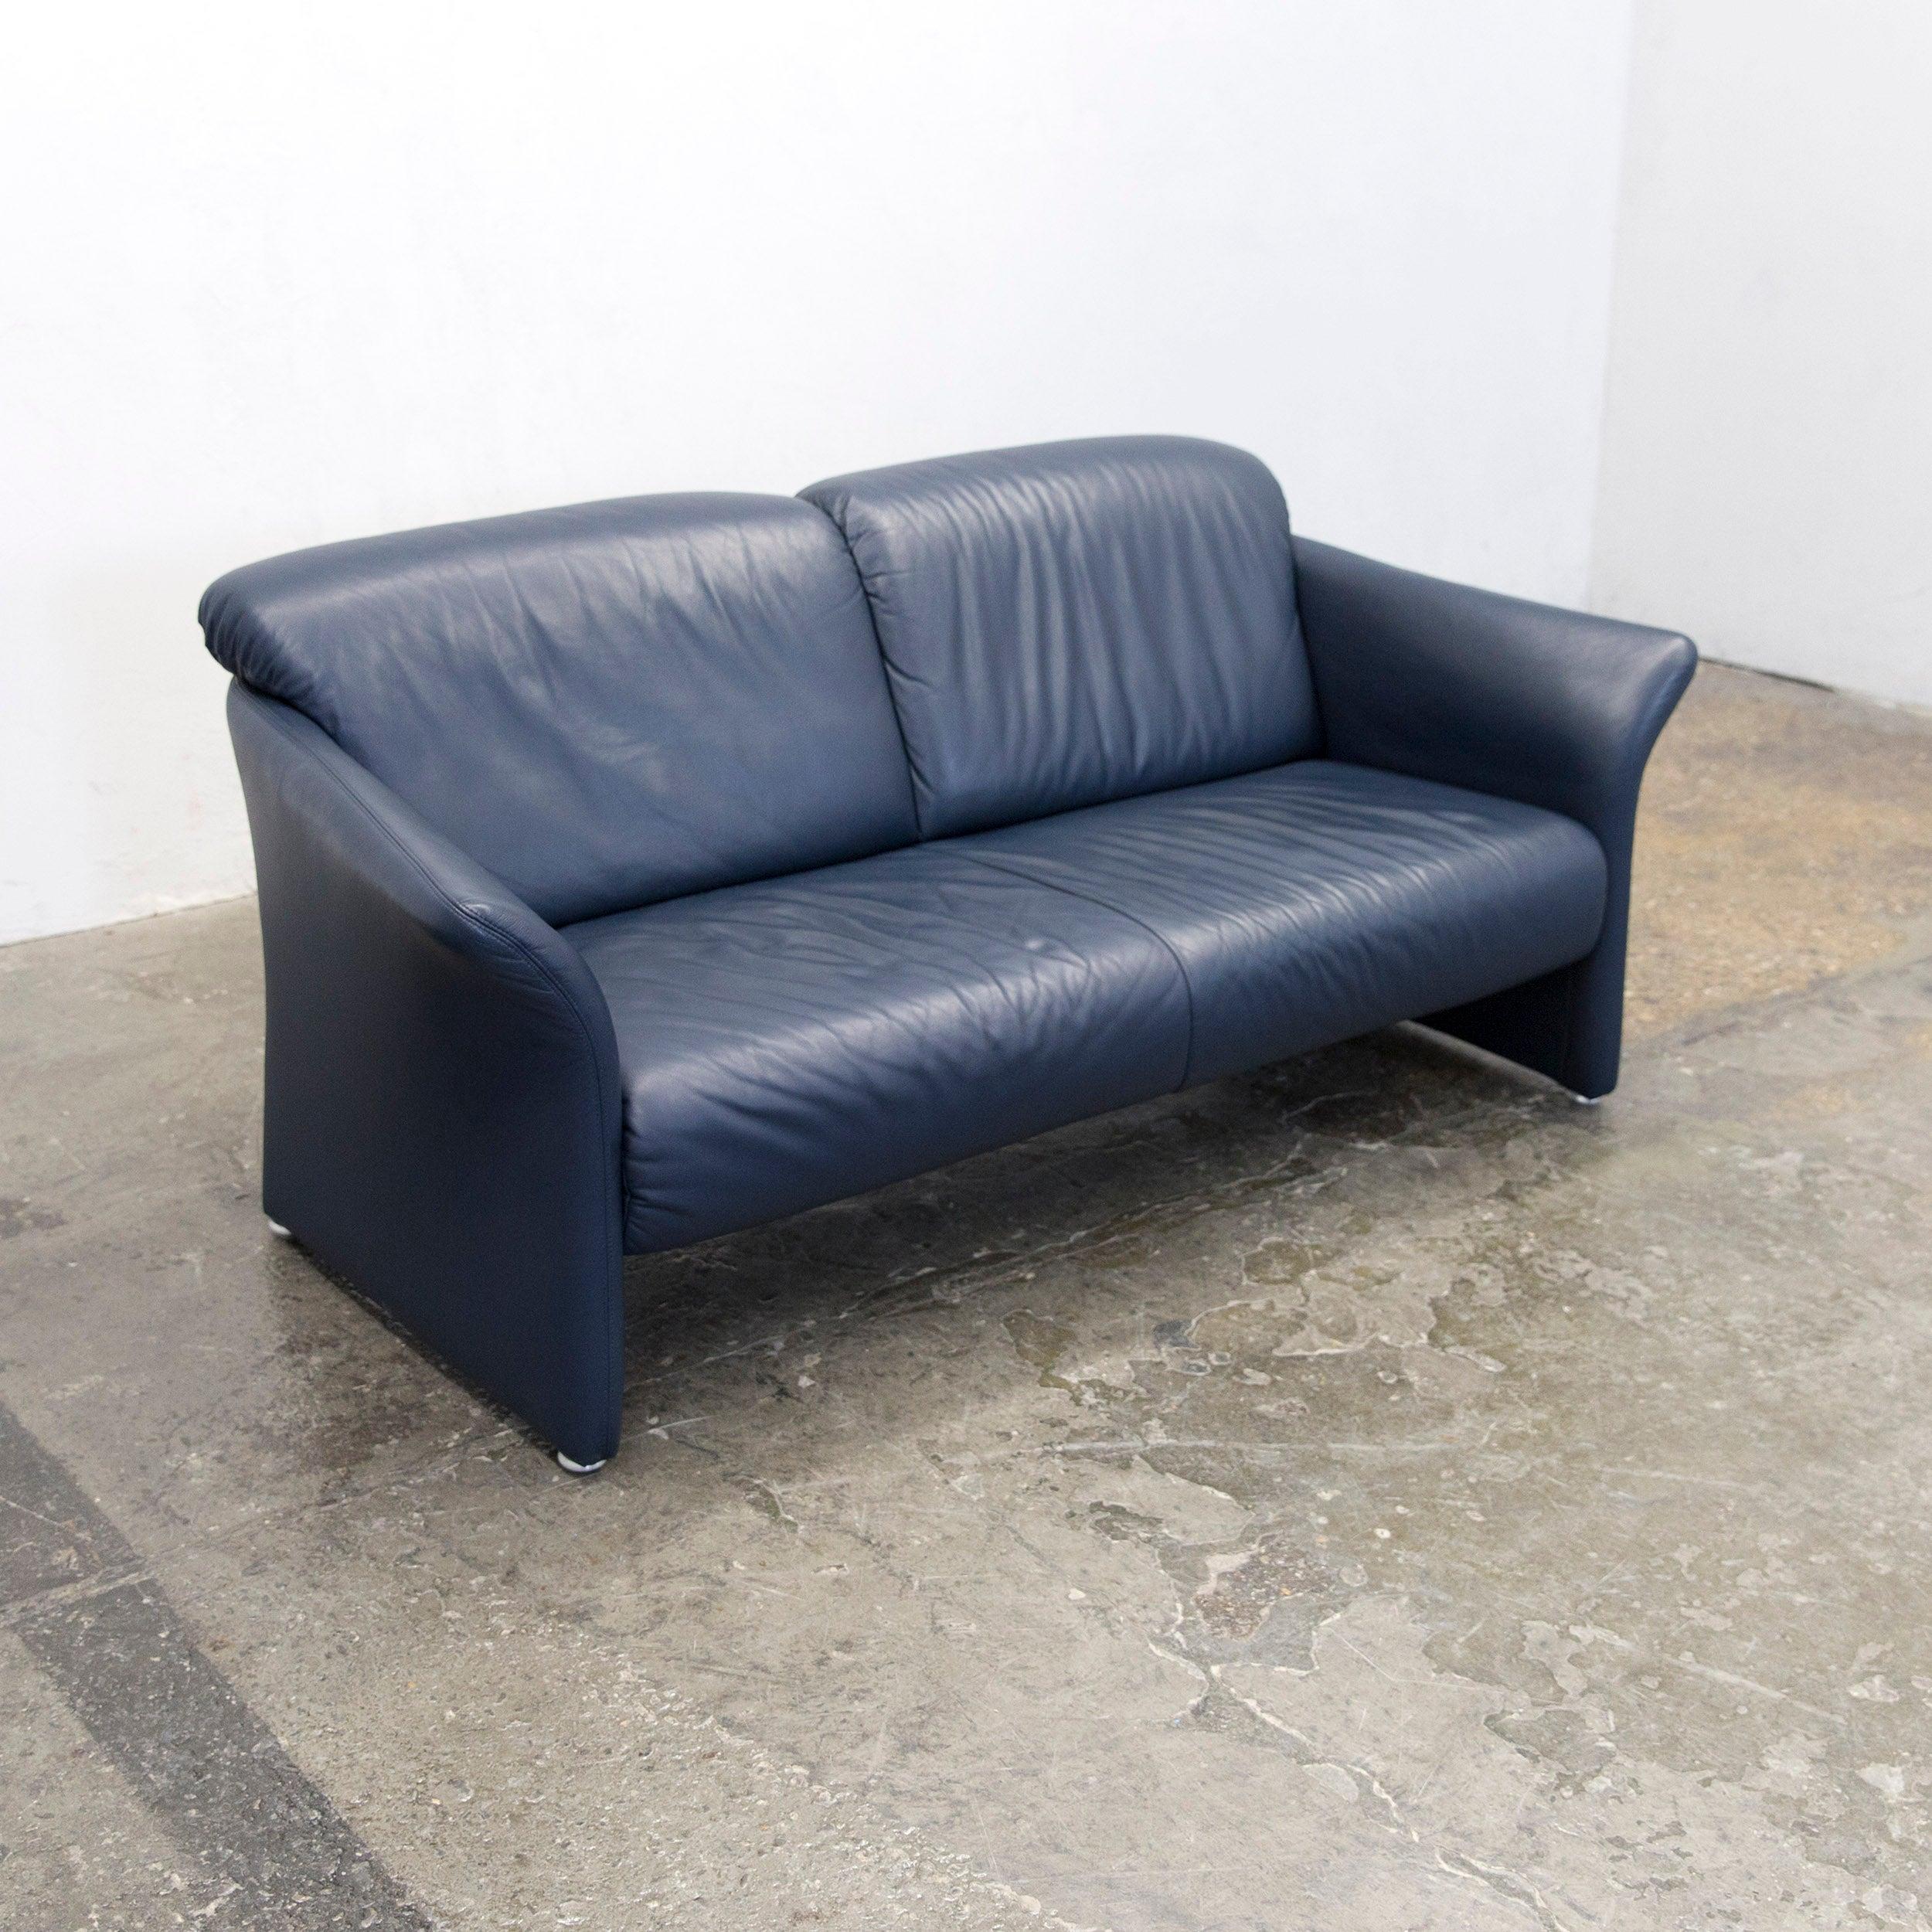 Ziemlich Nice Idea Poco Big Sofa Ideen - Heimat Ideen ...